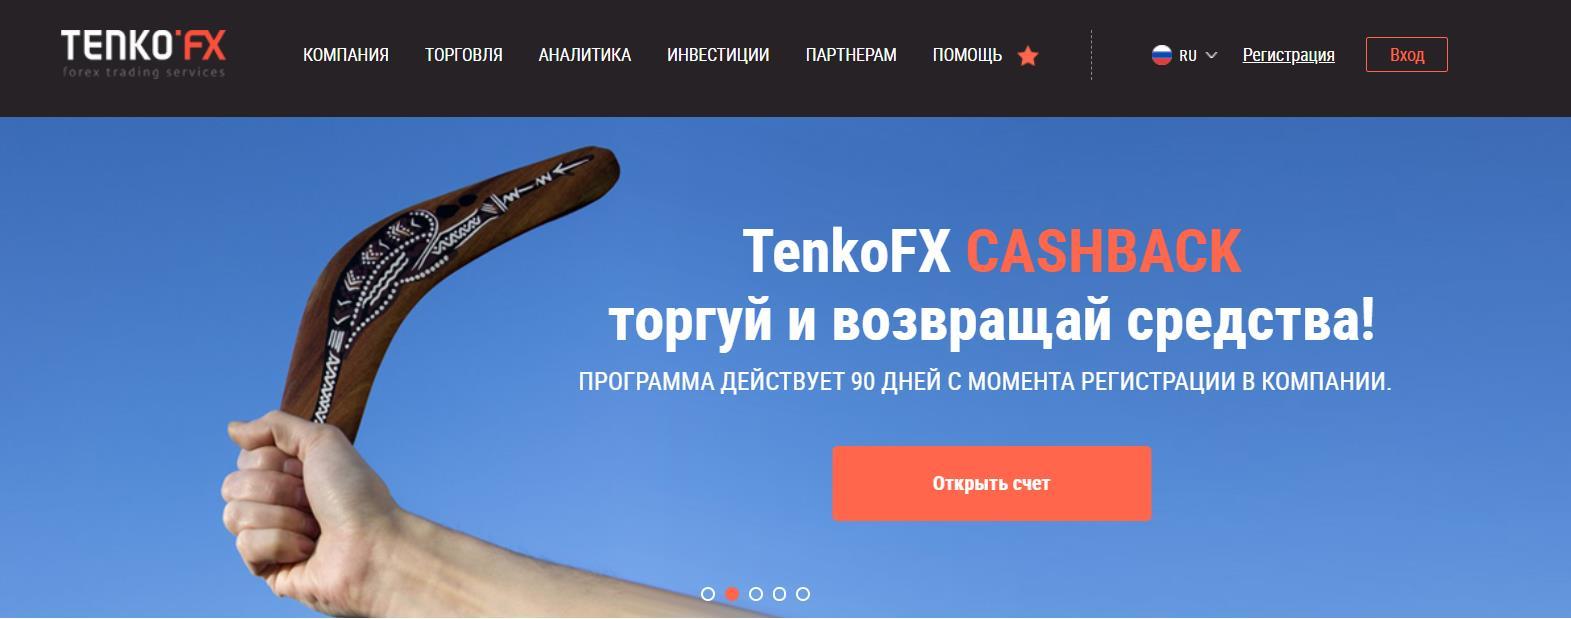 официальный сайт брокера tenkofx